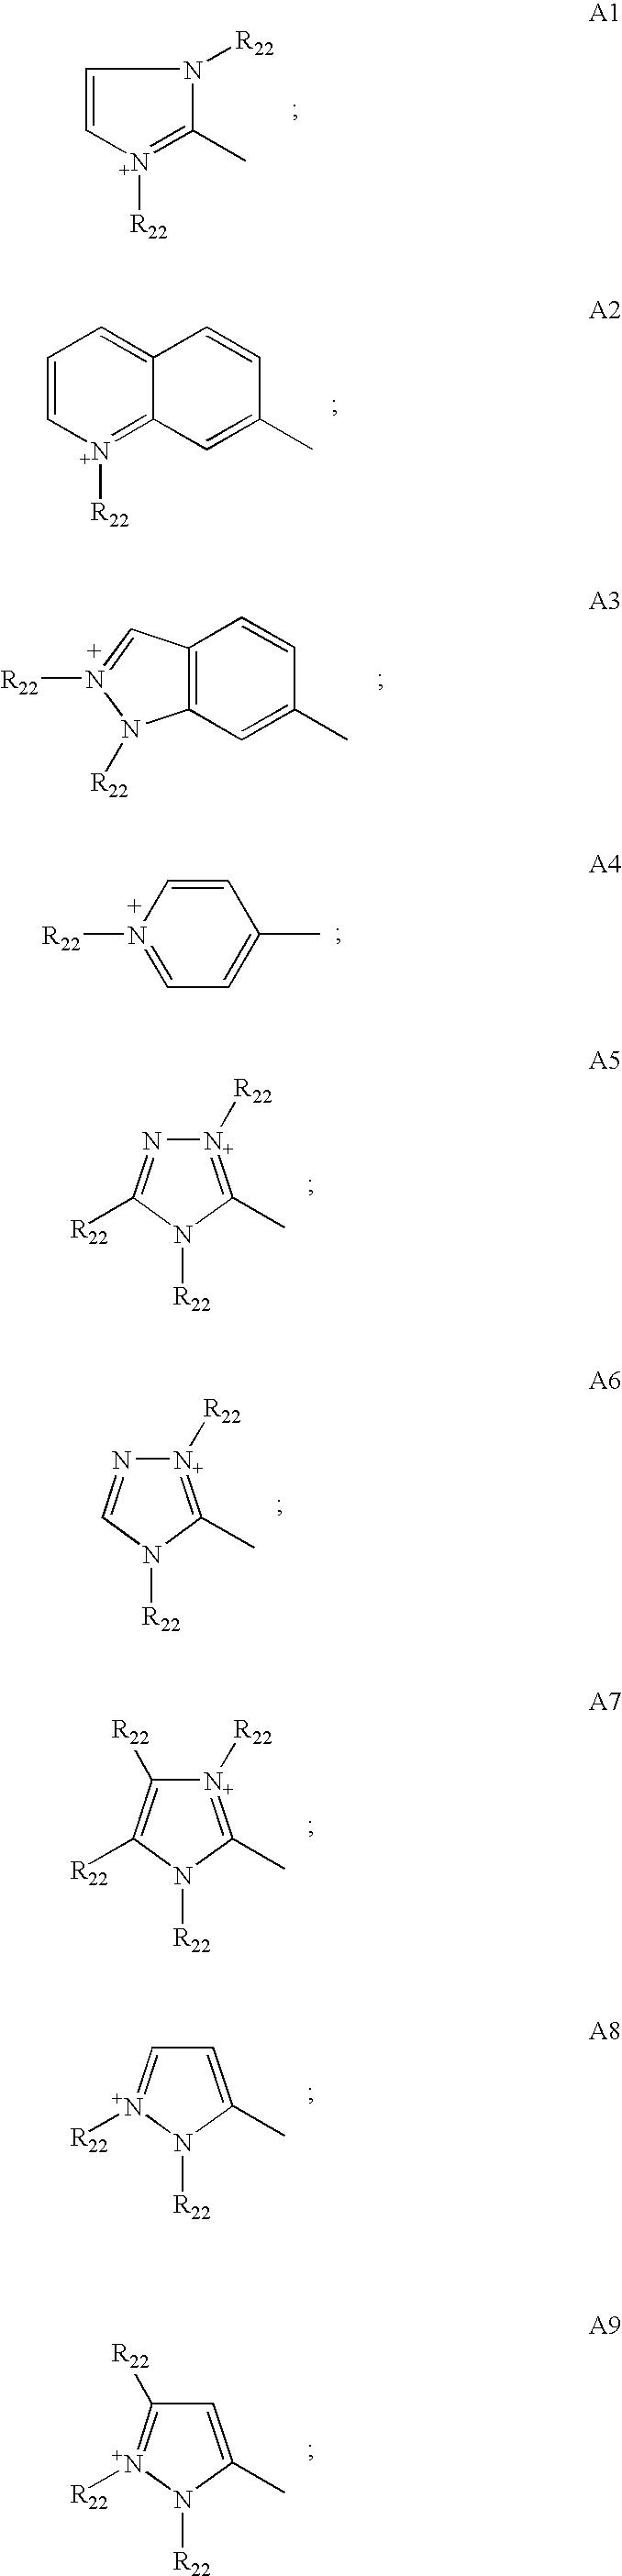 Figure US06702863-20040309-C00013